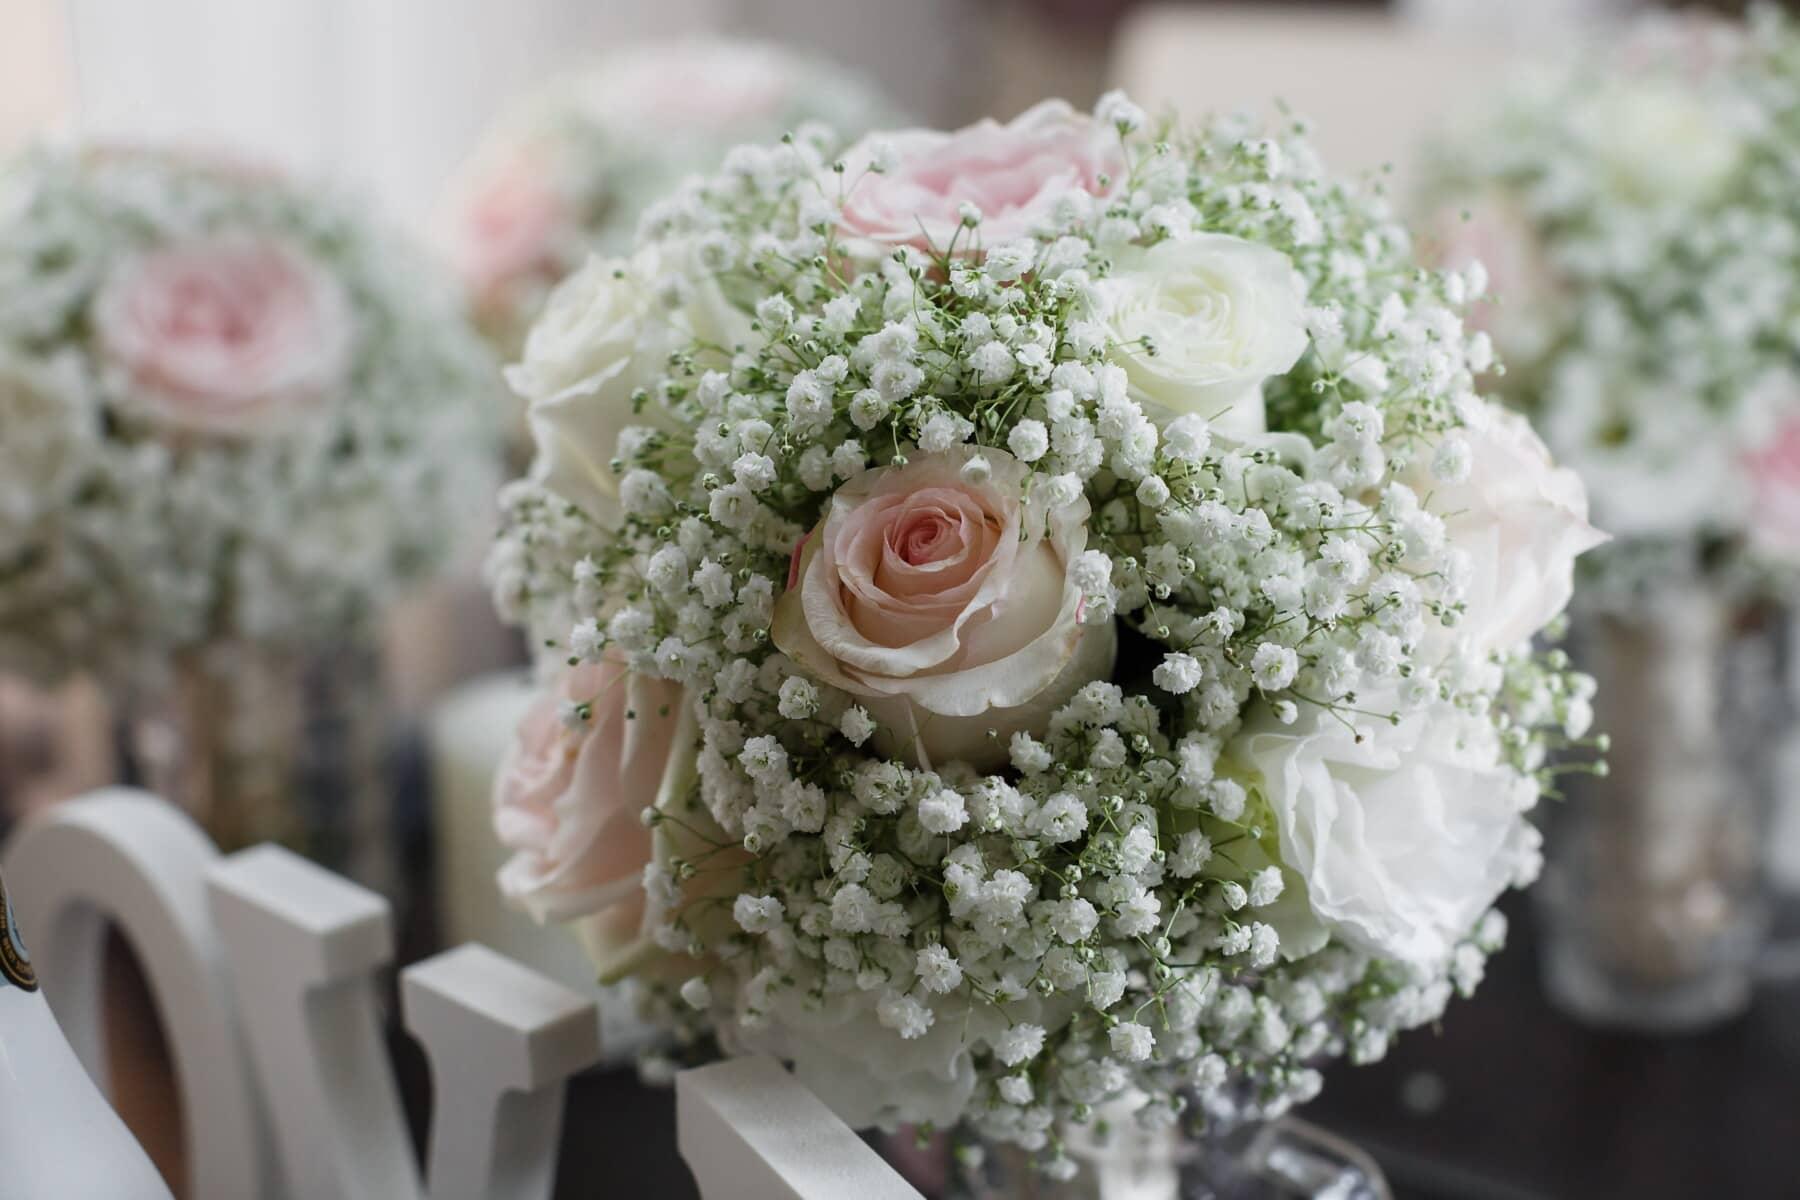 fantaisie, blanc, bouquet, nature morte, des roses, rosâtre, romance, arrangement, fleur, décoration